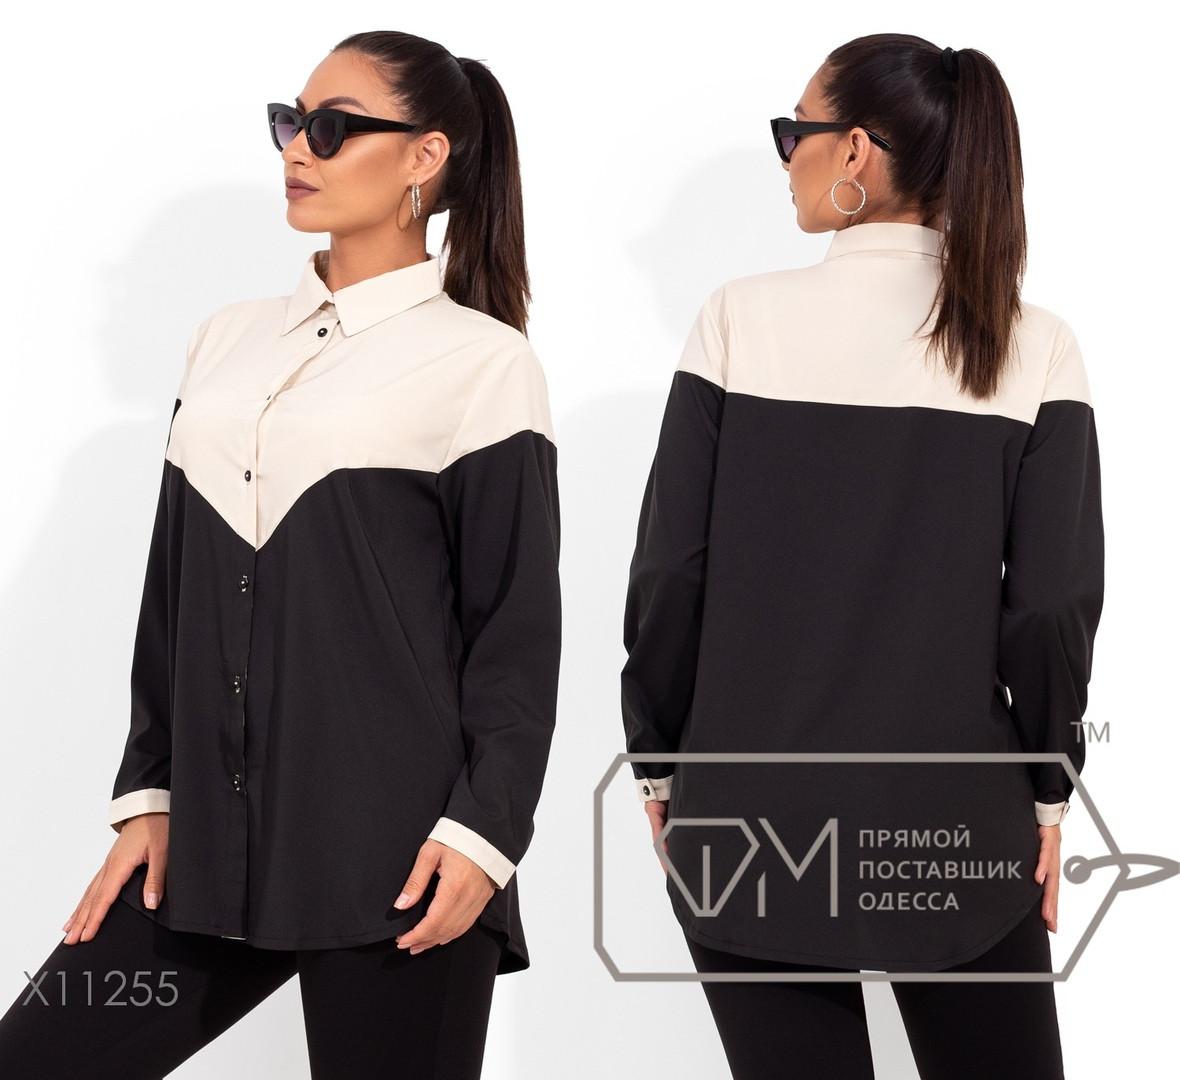 Двухцветная рубашка свободного кроя в большом размере размеры 48, 50, 52, 54